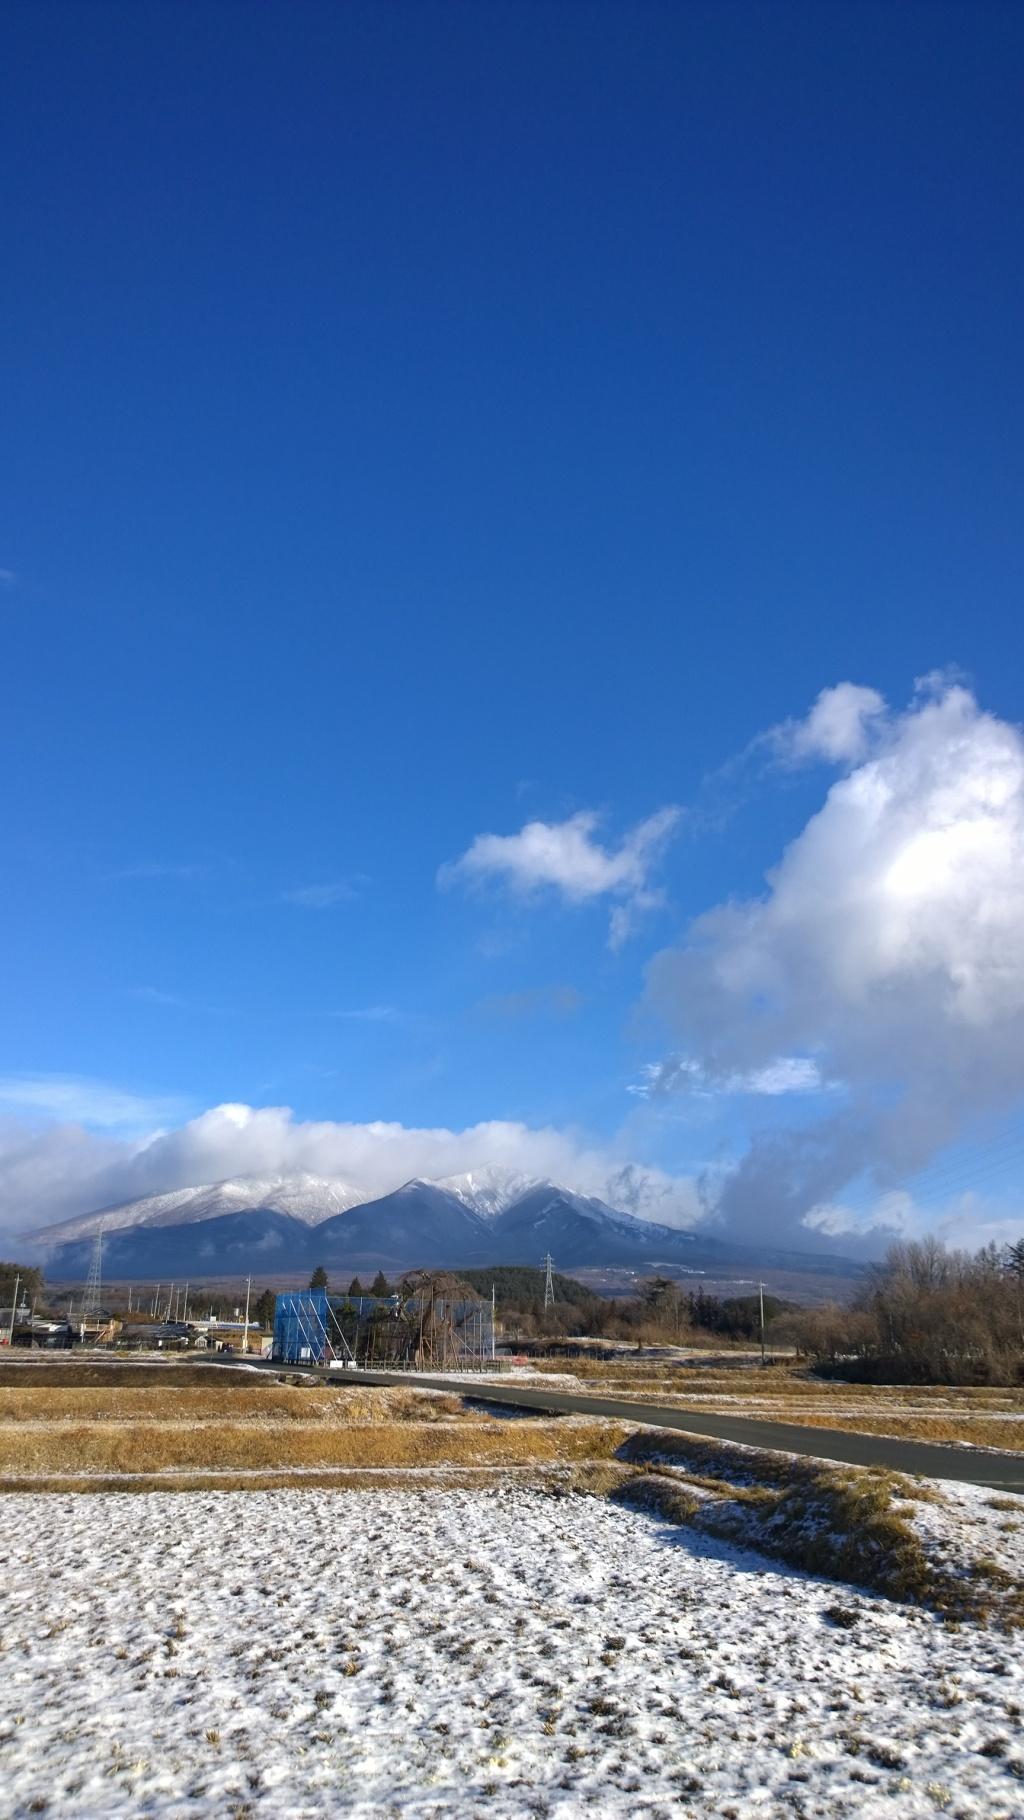 雪の八ヶ岳と雪が残る水田